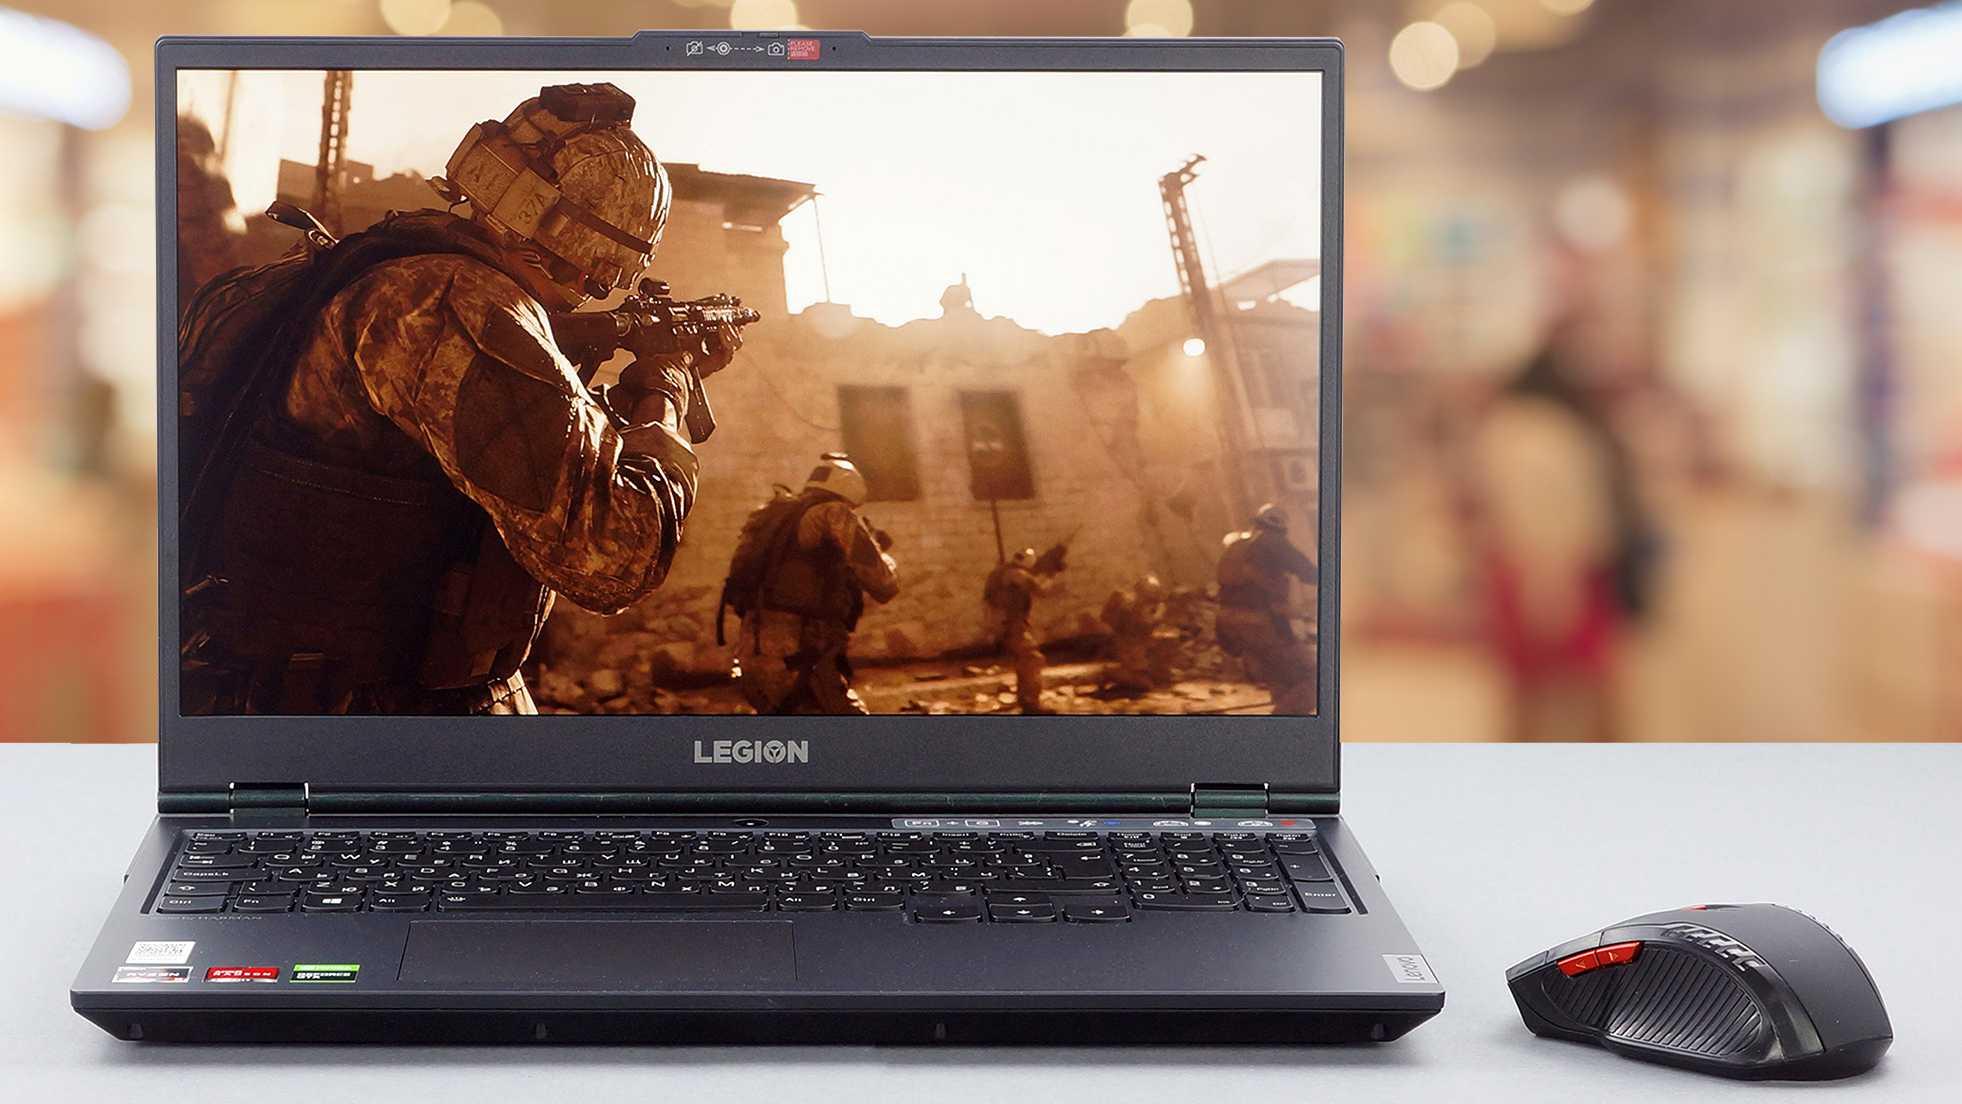 Обзор lenovo legion 5: эргономичный игровой ноутбук в строгом дизайне